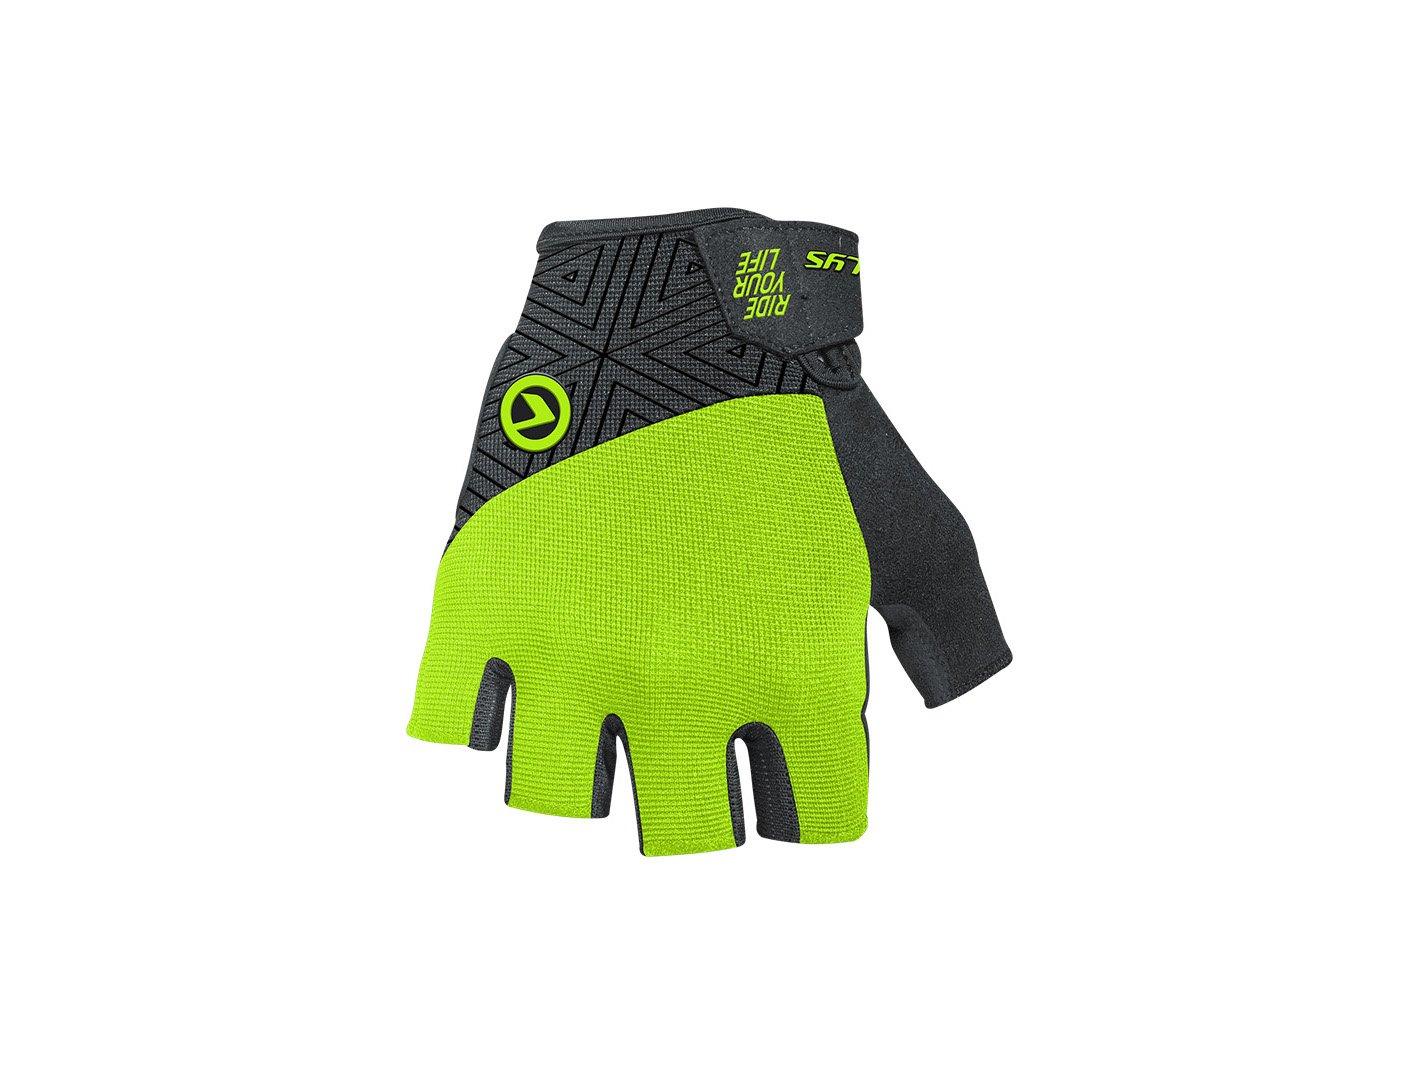 Перчатки велосипедные HYPNO Short, салатовый (Размер: S)